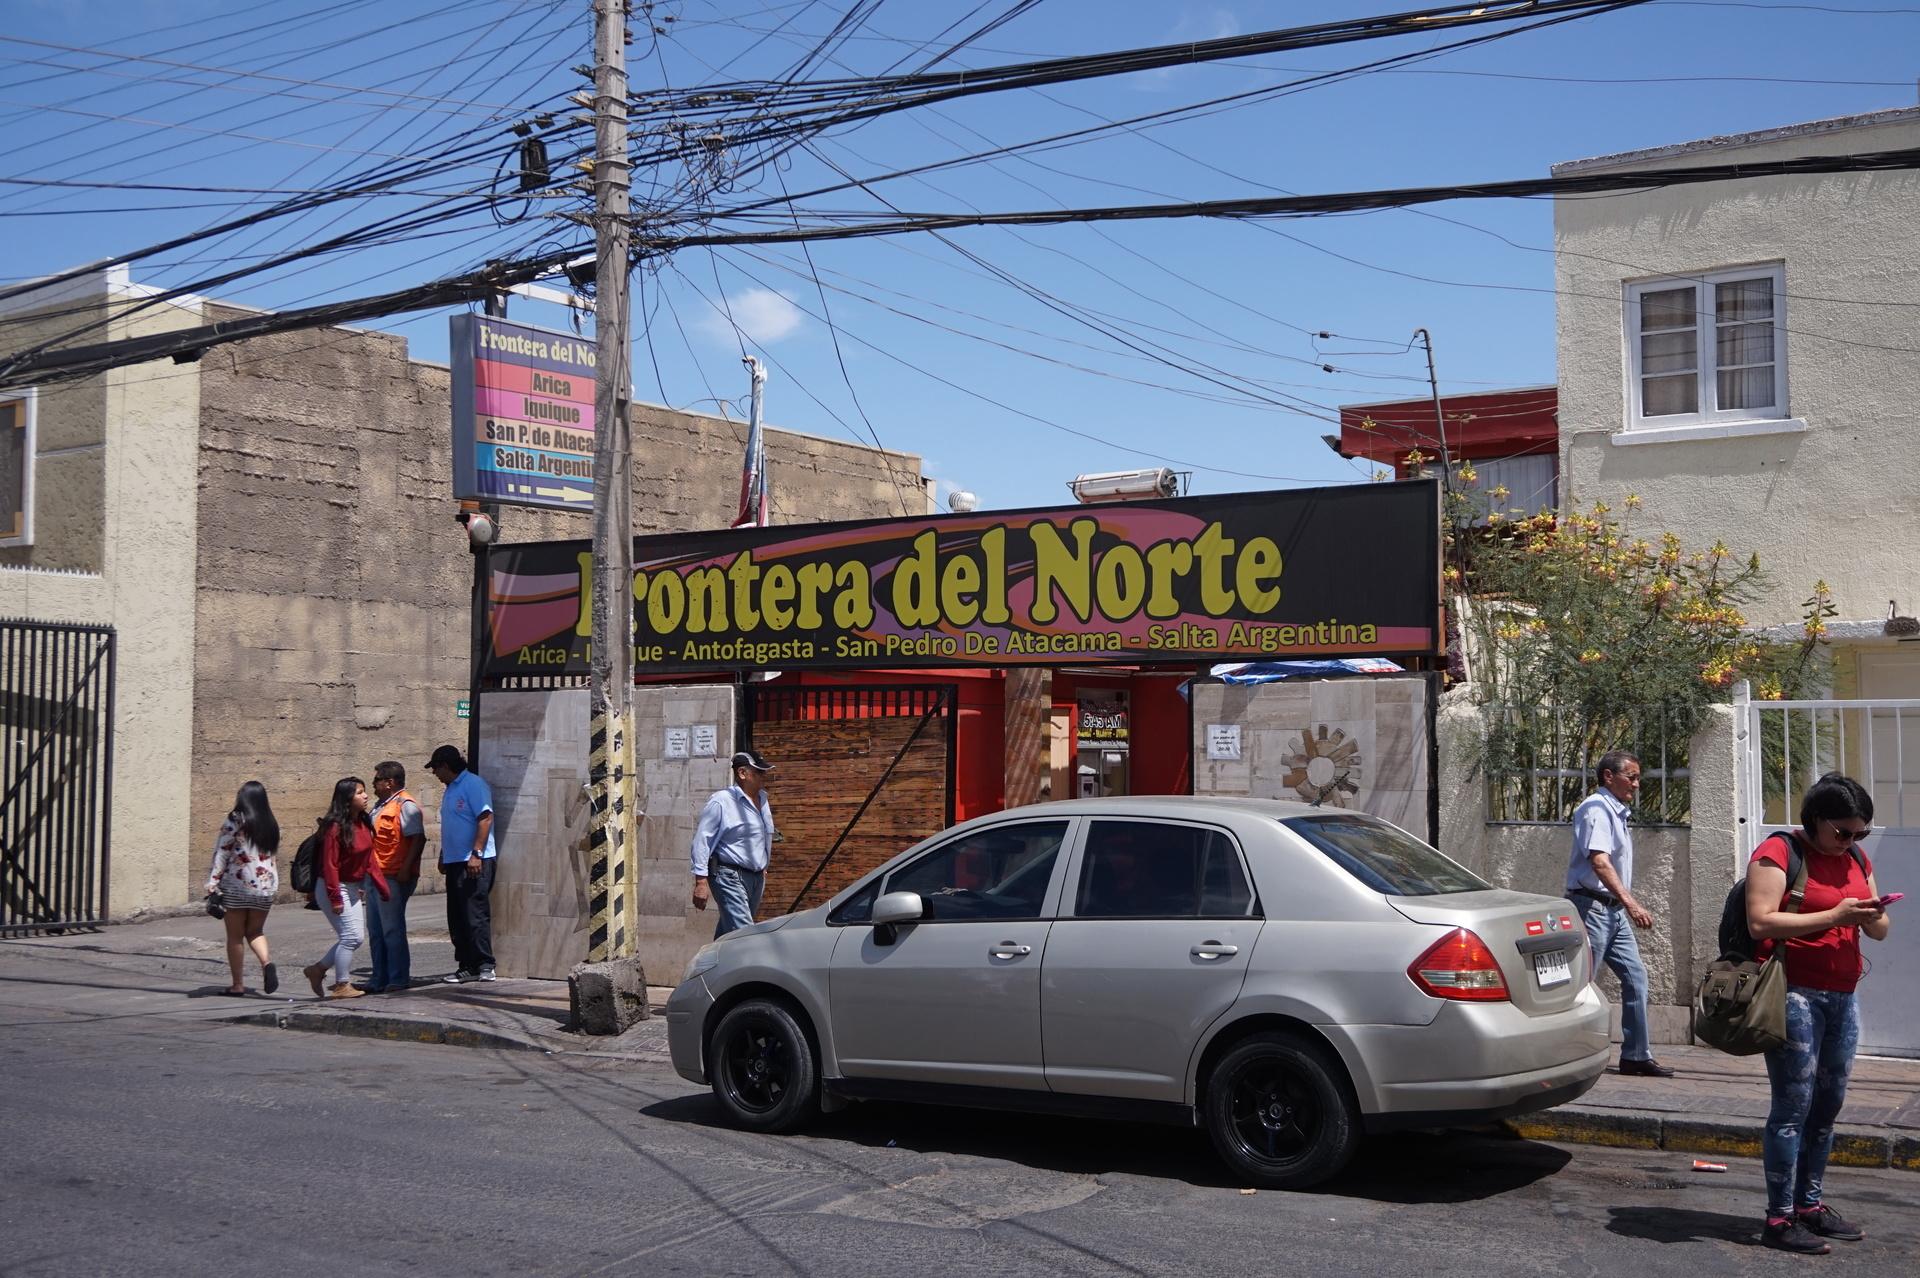 チリ ボリビア ウユニ旅行 カラマ バスターミナル Frontera del Norte